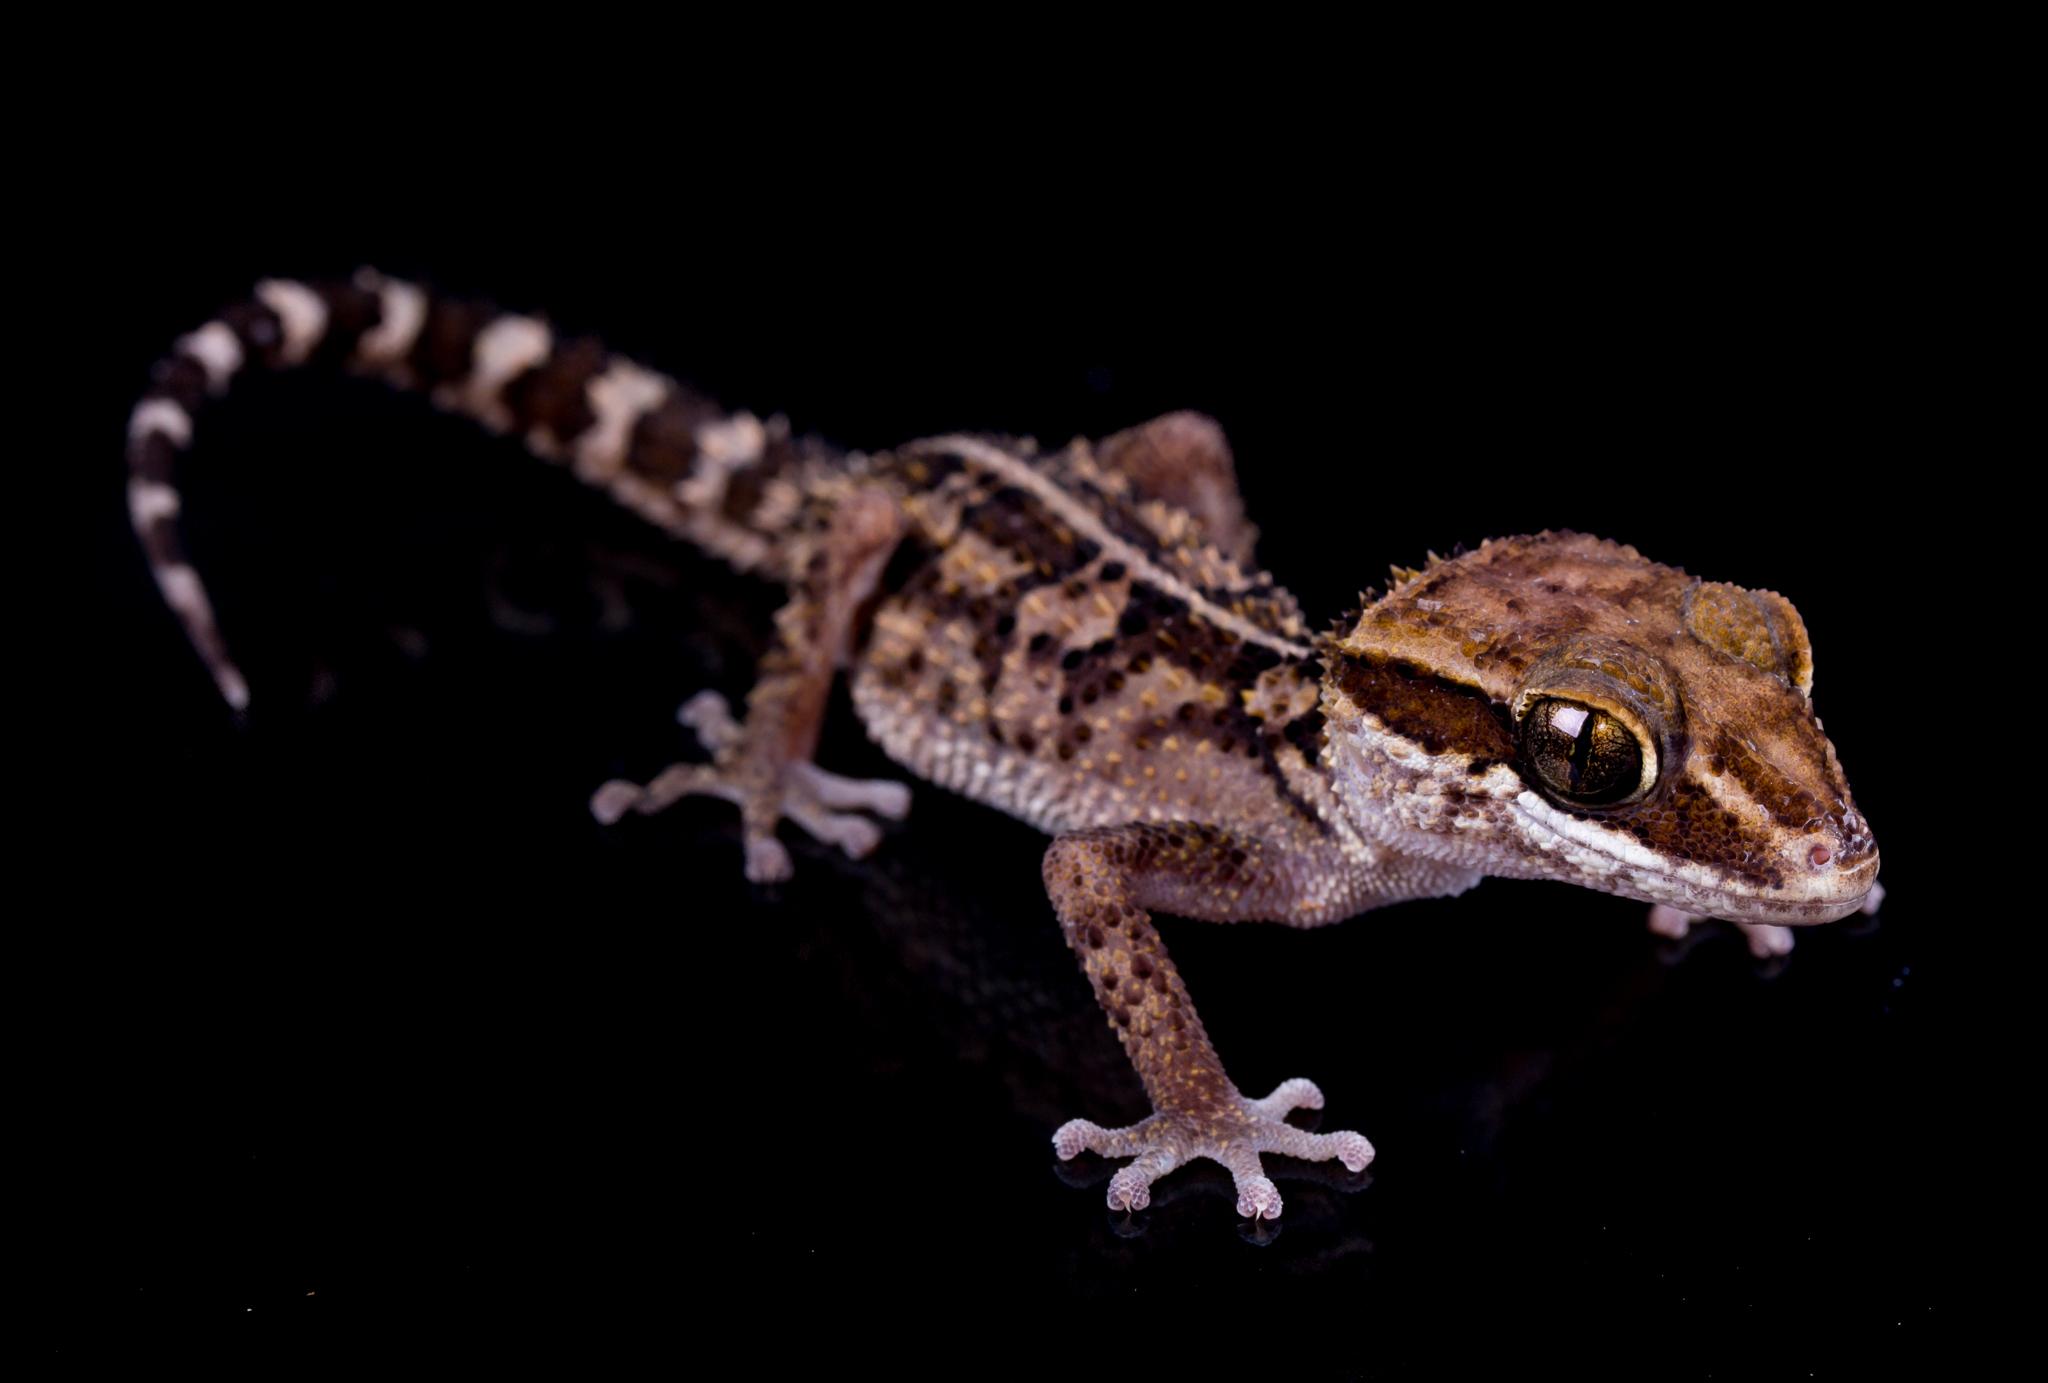 Stumpff's Ground Gecko - Paroedura stumpffi